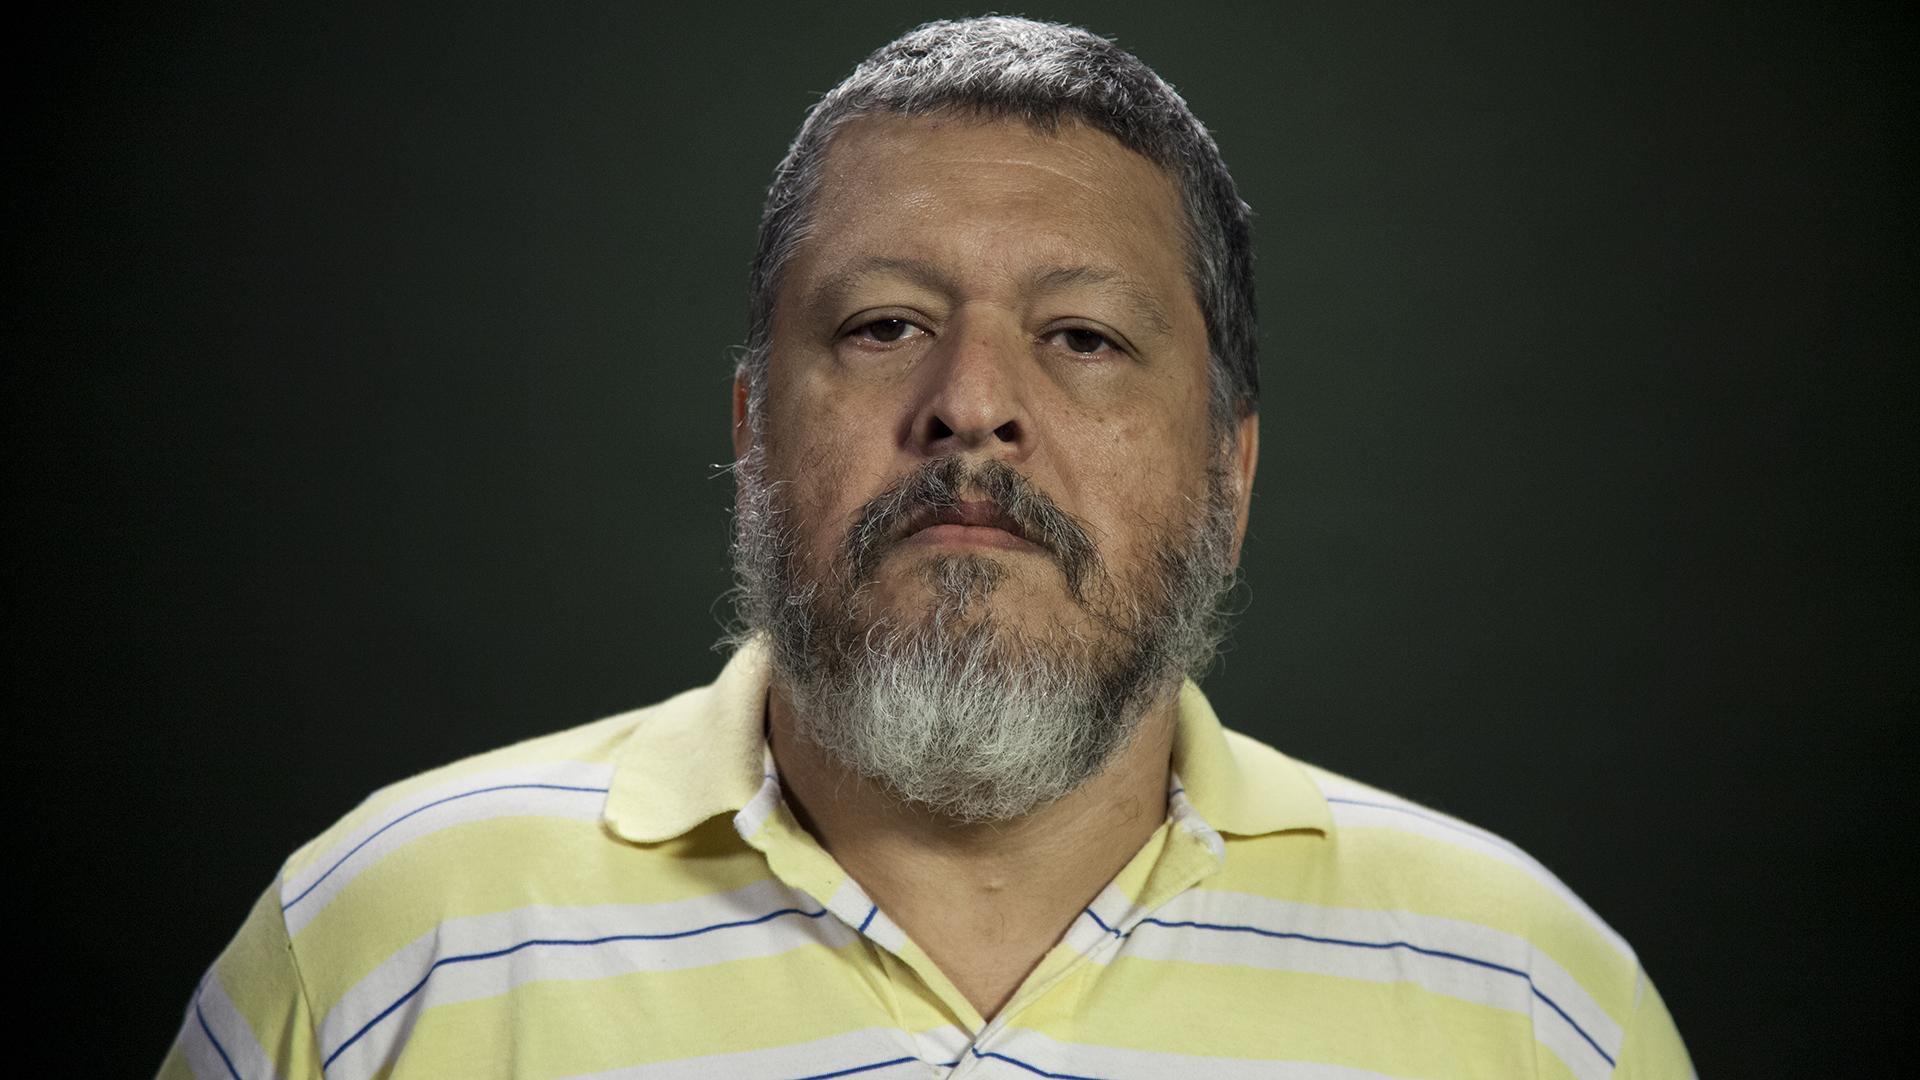 Sergio Pazy sus compañeros llevaron adelante dos largas huelgas de hambre en la cárcel (Santiago Saferstein)